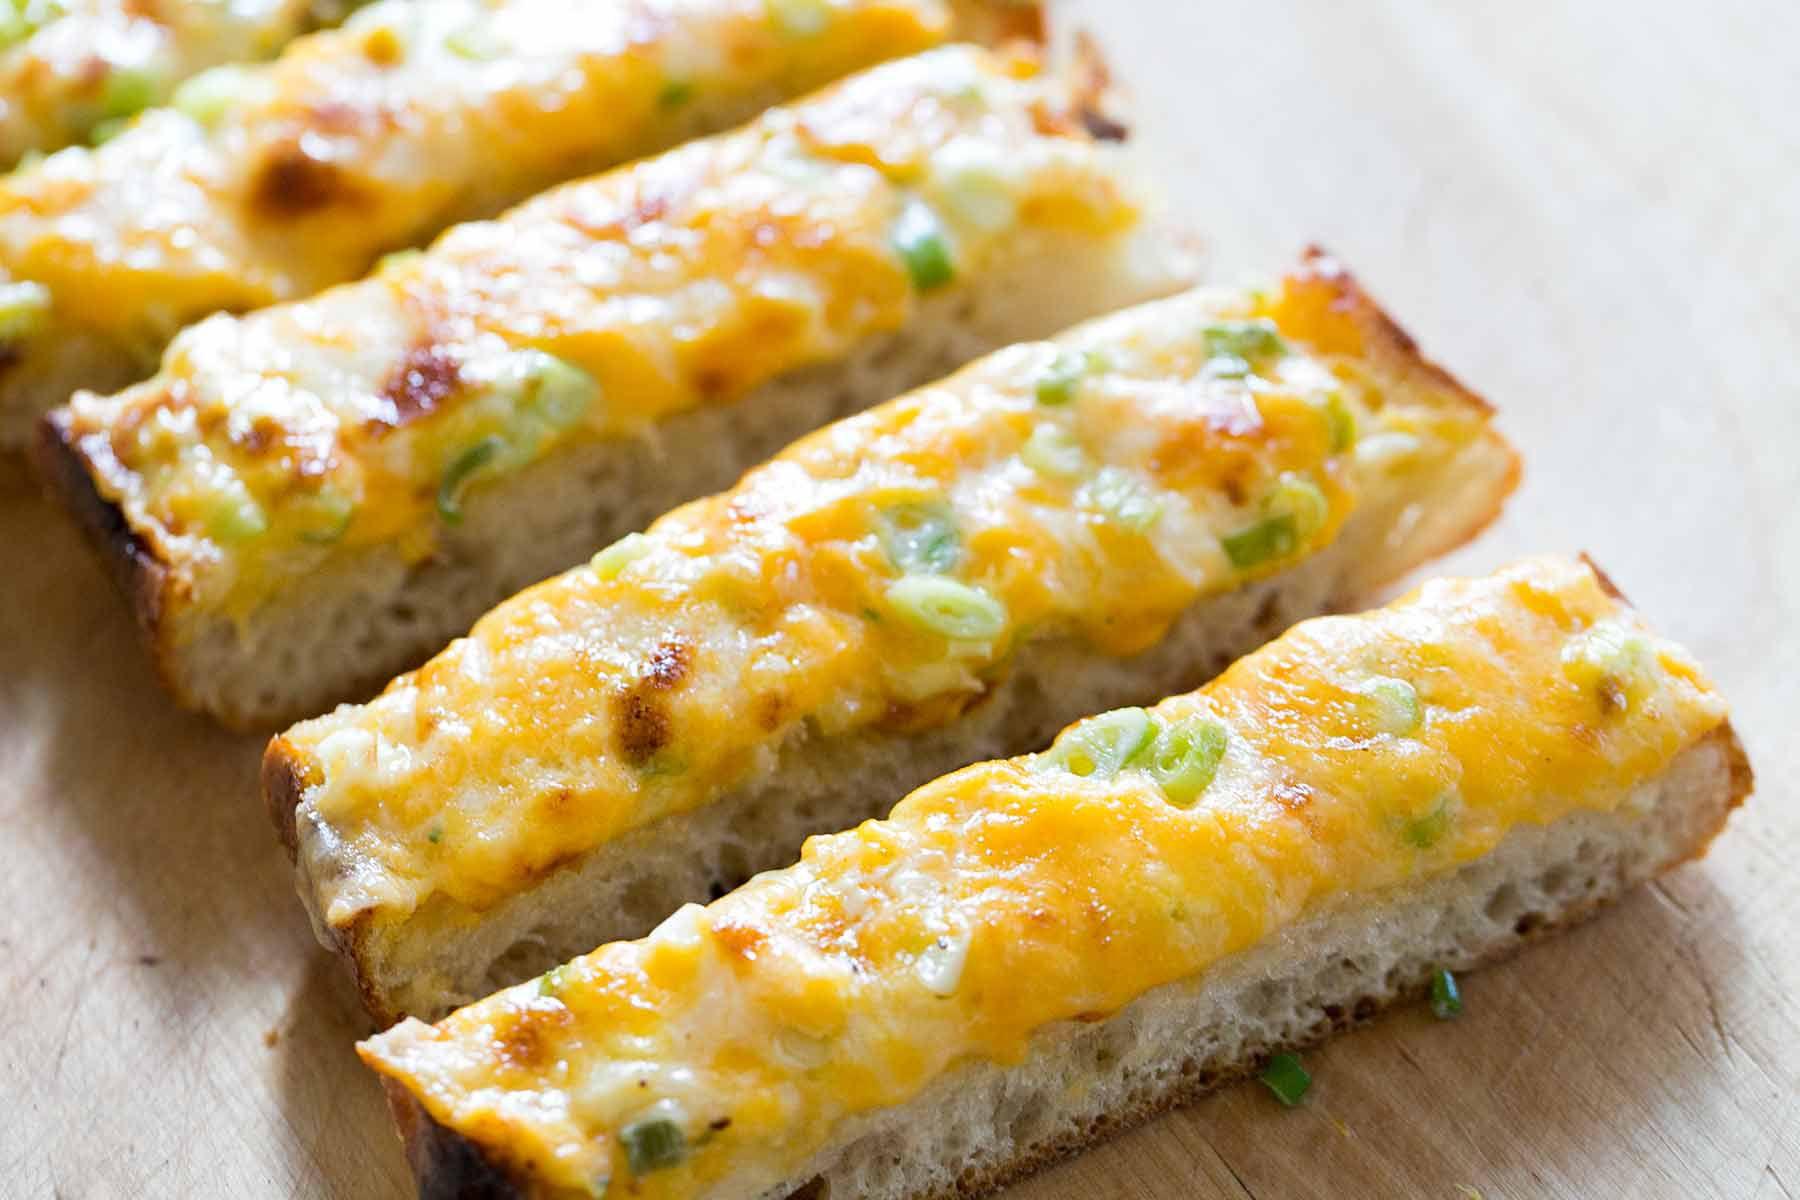 Cheesy Bread cut into slices